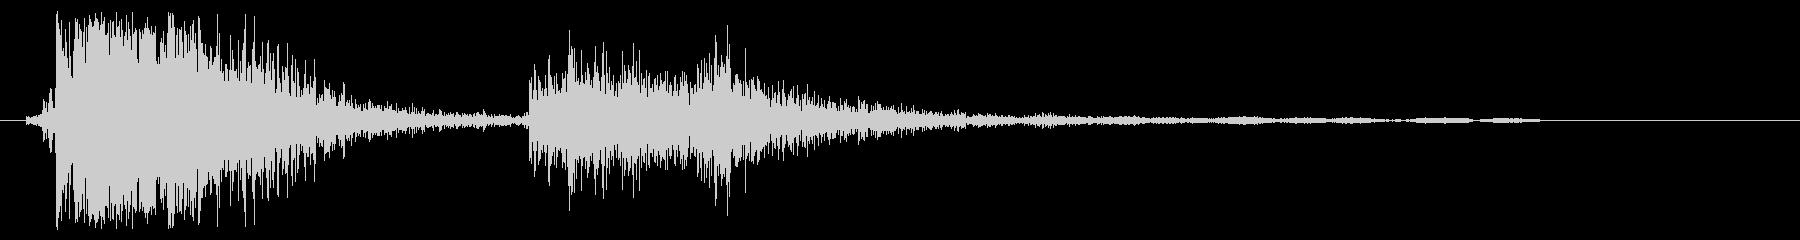 タンタン(弾むような効果音)の未再生の波形